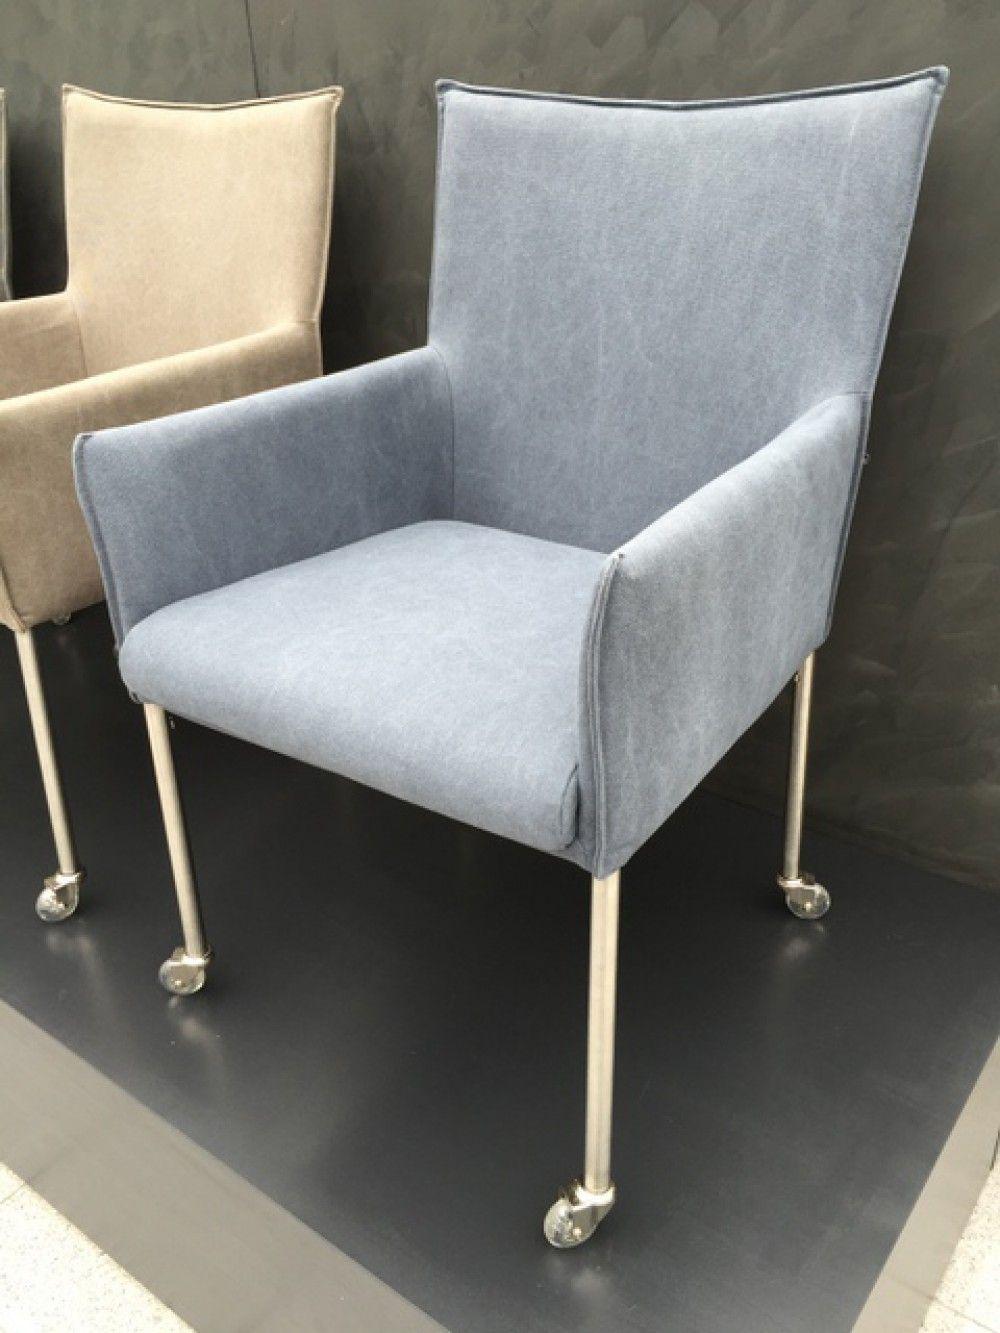 blau Rollen RollenStuhl Armlehne Stuhl auf auf mit pUzMSGqV